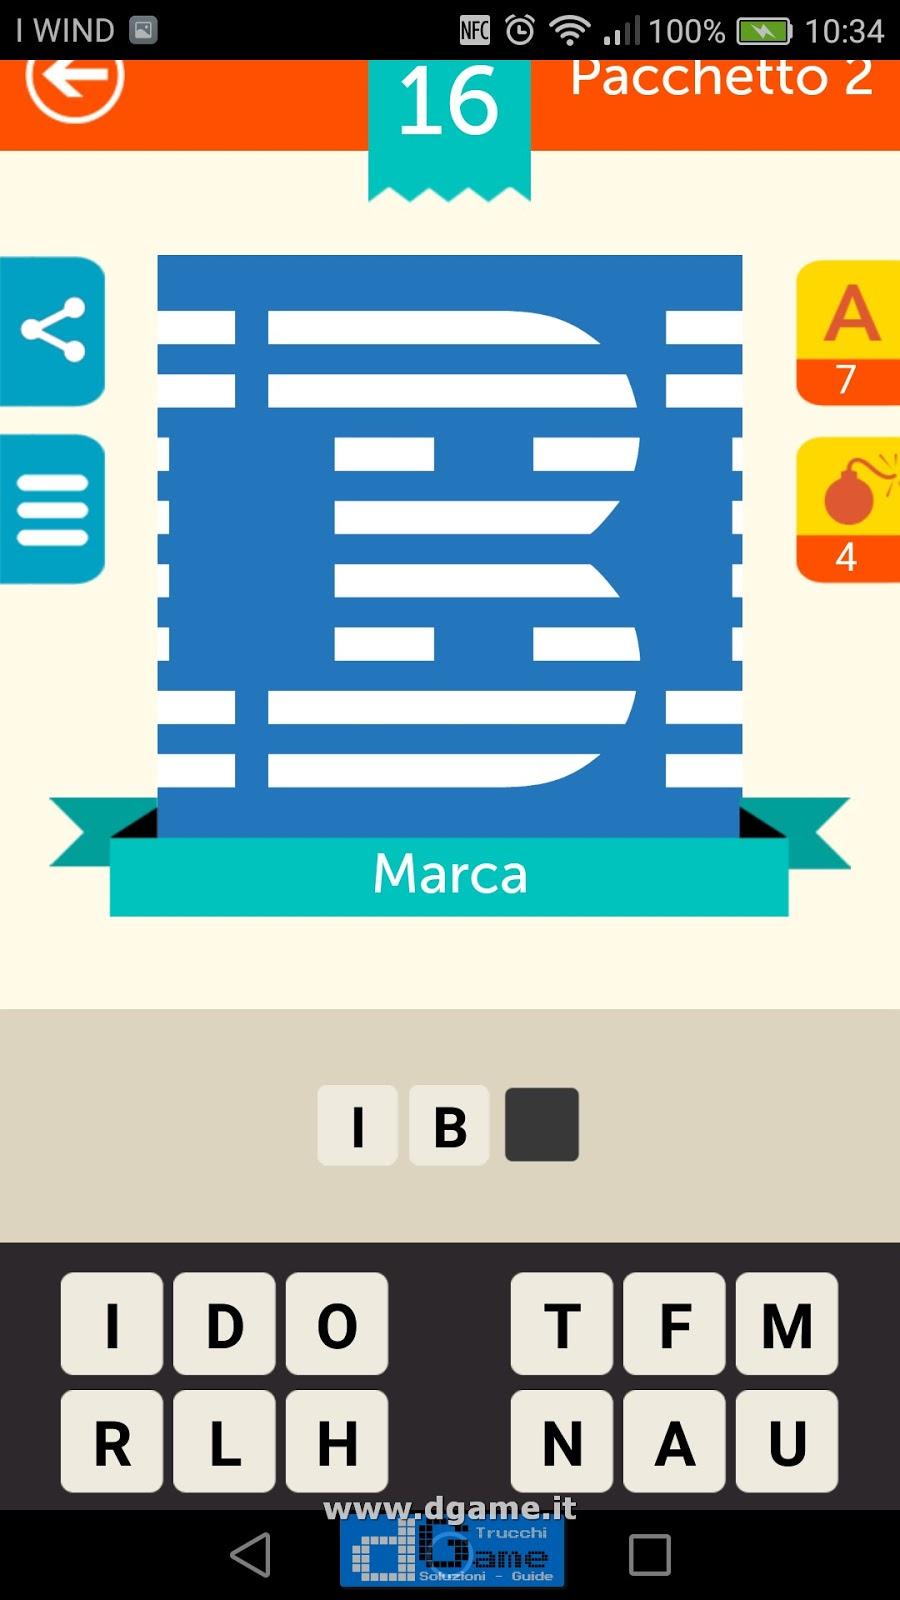 Iconica italia pop logo quiz soluzione pacchetto 2 livelli for Soluzione iconica